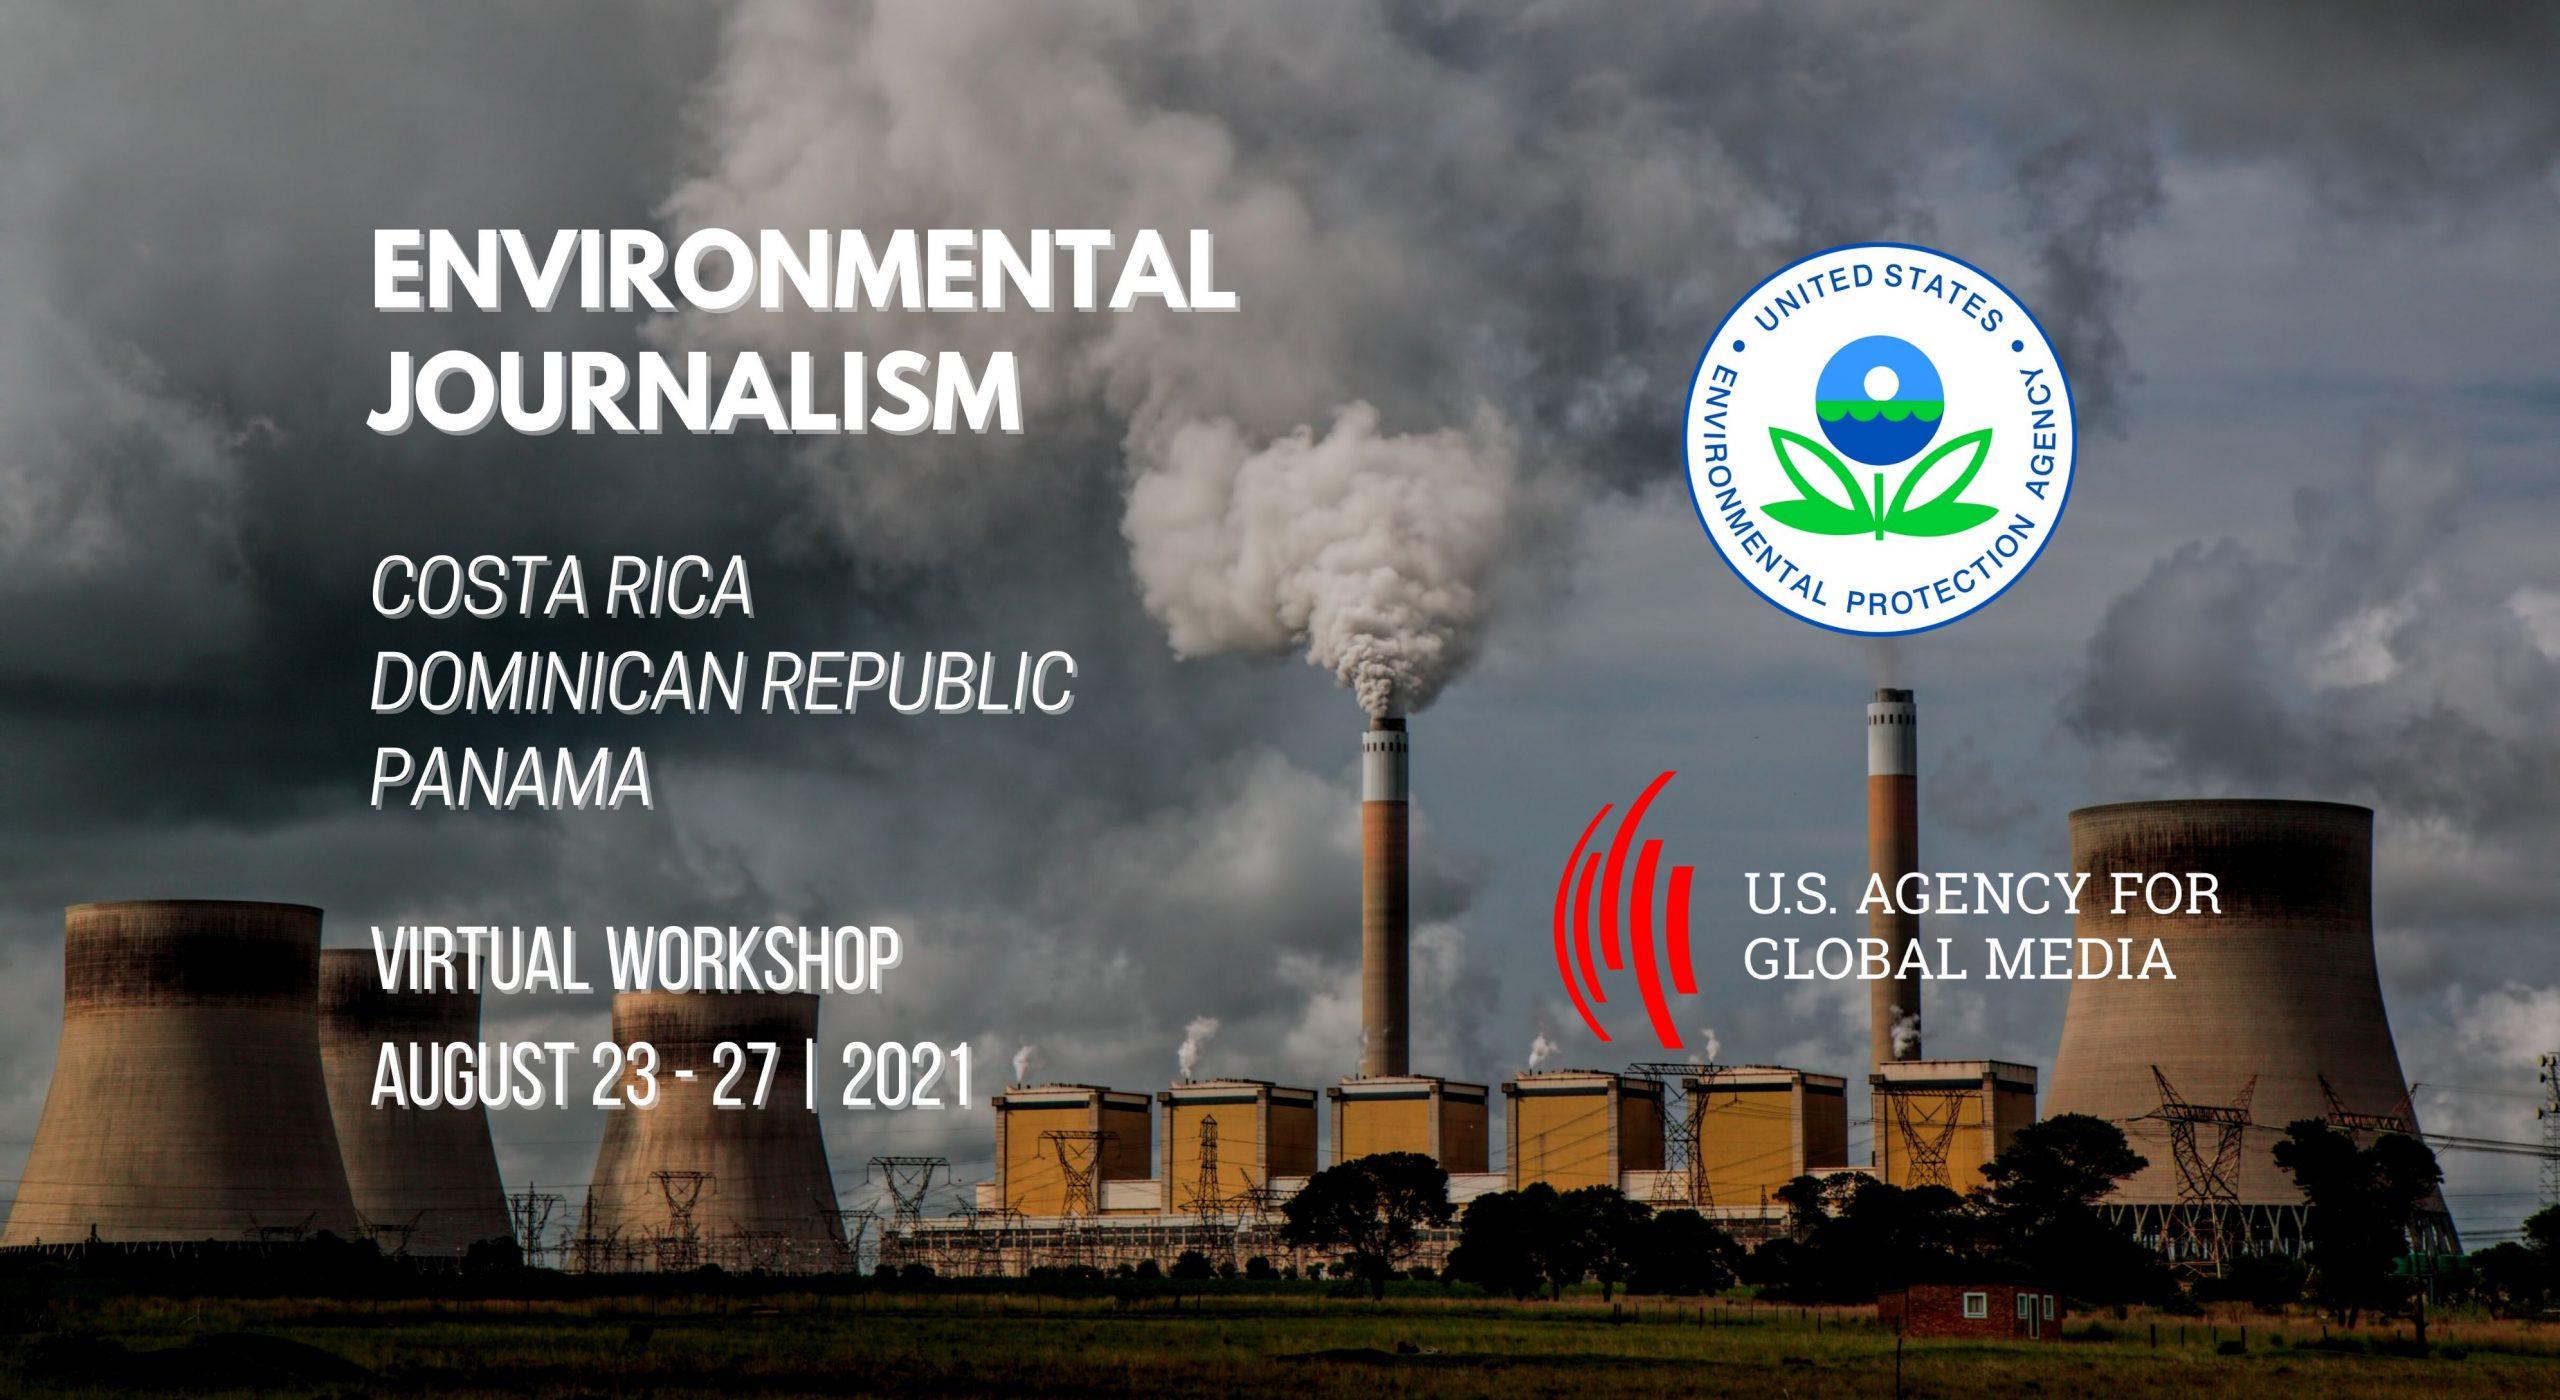 Latin America: Environmental Journalism